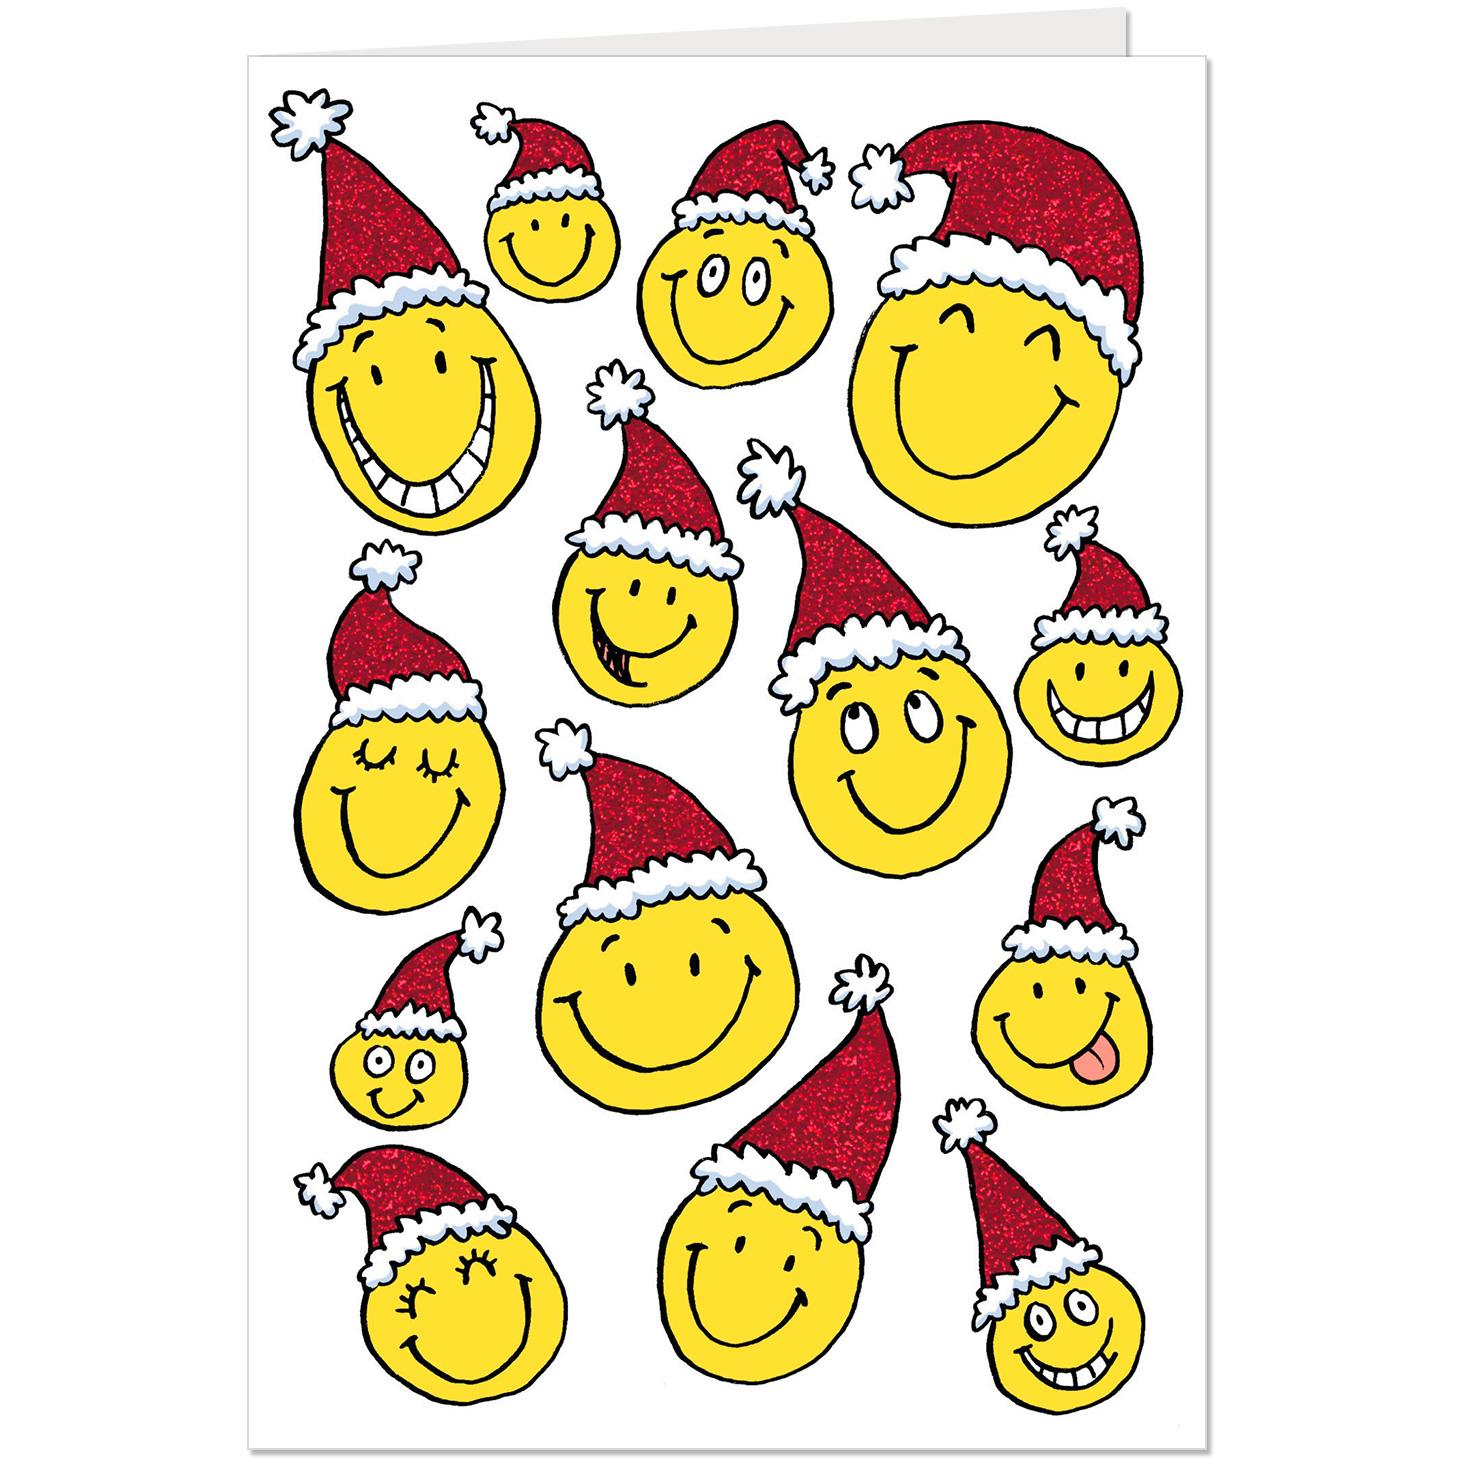 santa smiley faces christmas card - Christmas Smiley Faces